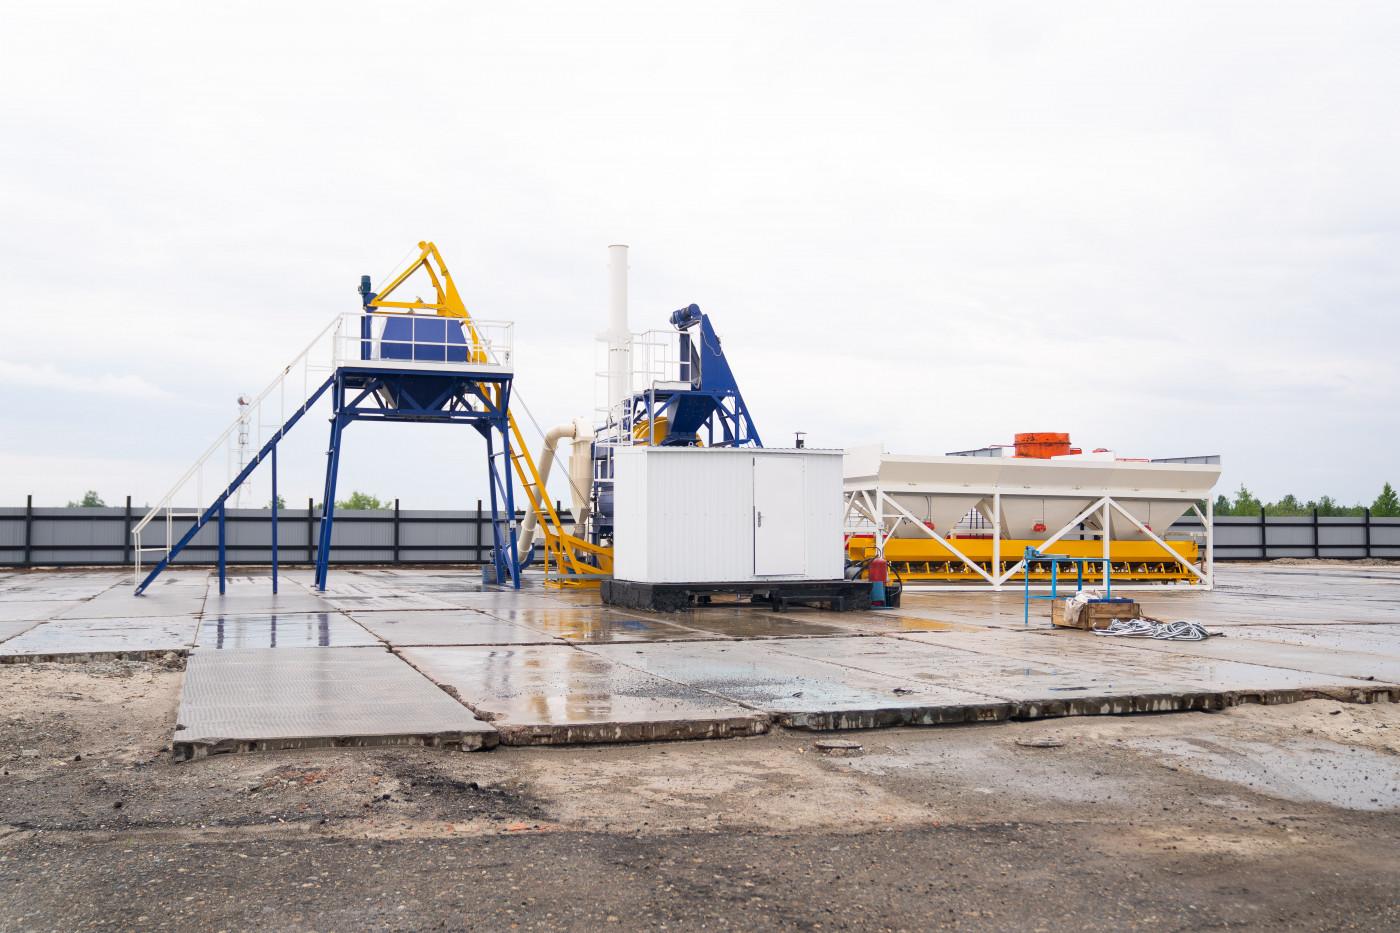 Асфальтобетонный завод «МАЗ-20» представили губернатору Югры Наталье Комаровой в Радужном в ходе рабочего визита в муниципалитет.